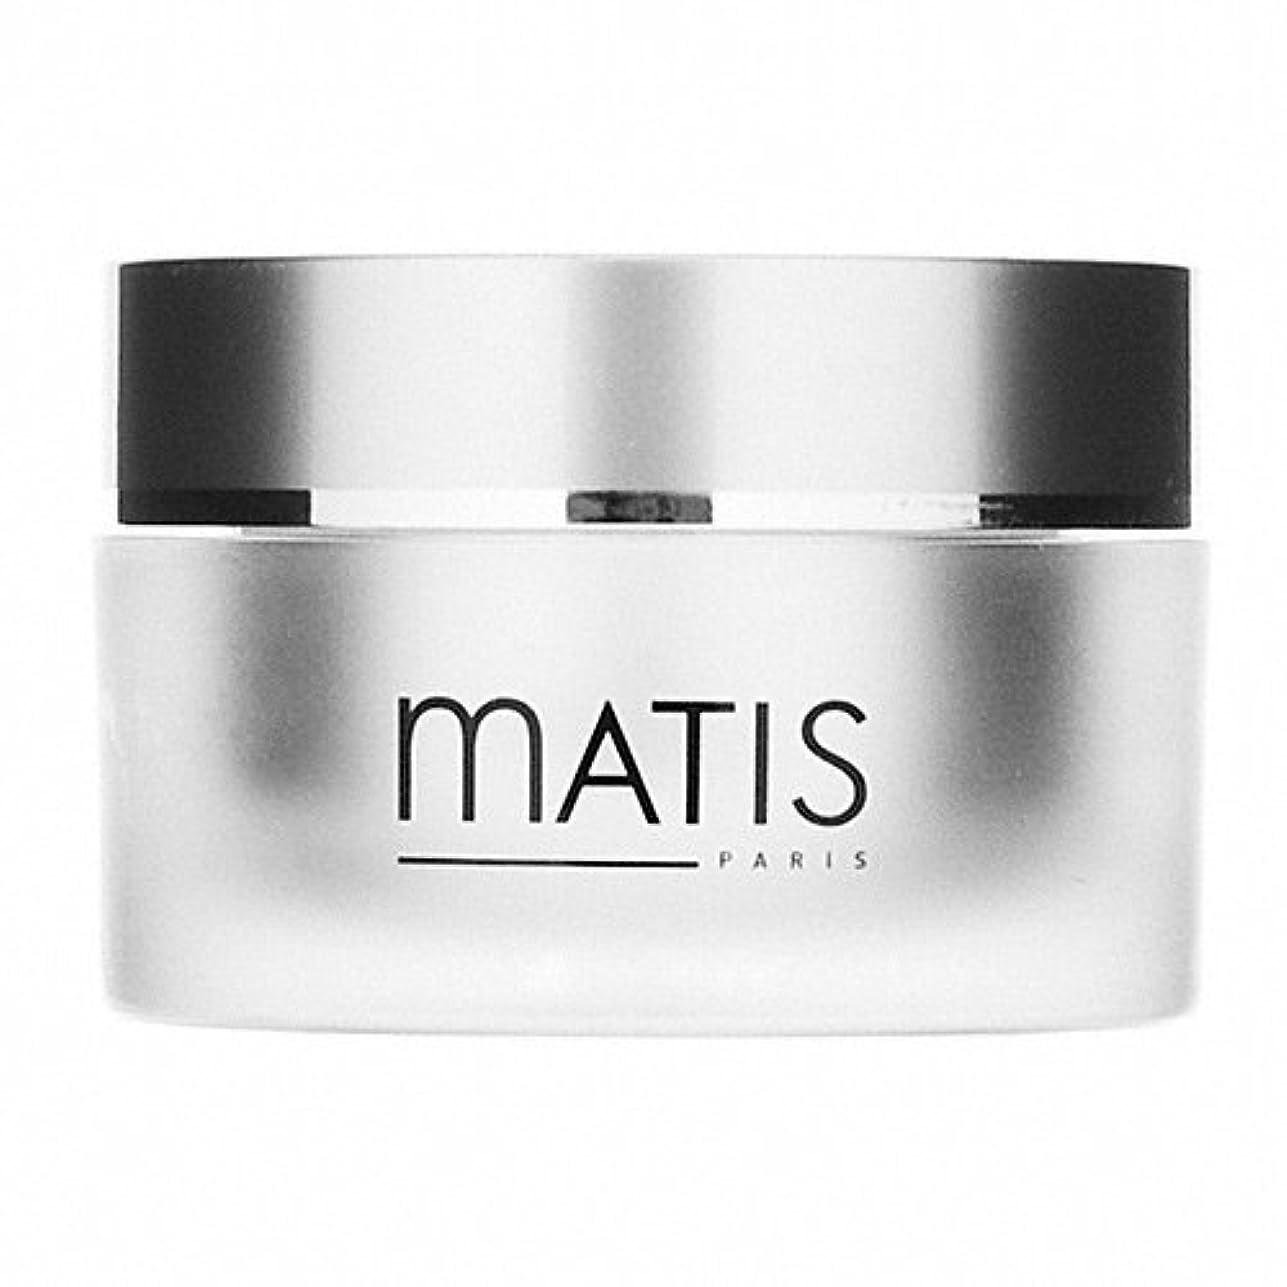 可愛い監督する枯渇するMatis Paris Regenerating Night Cream - La Nuit 1.69 fl oz. by Matis Paris